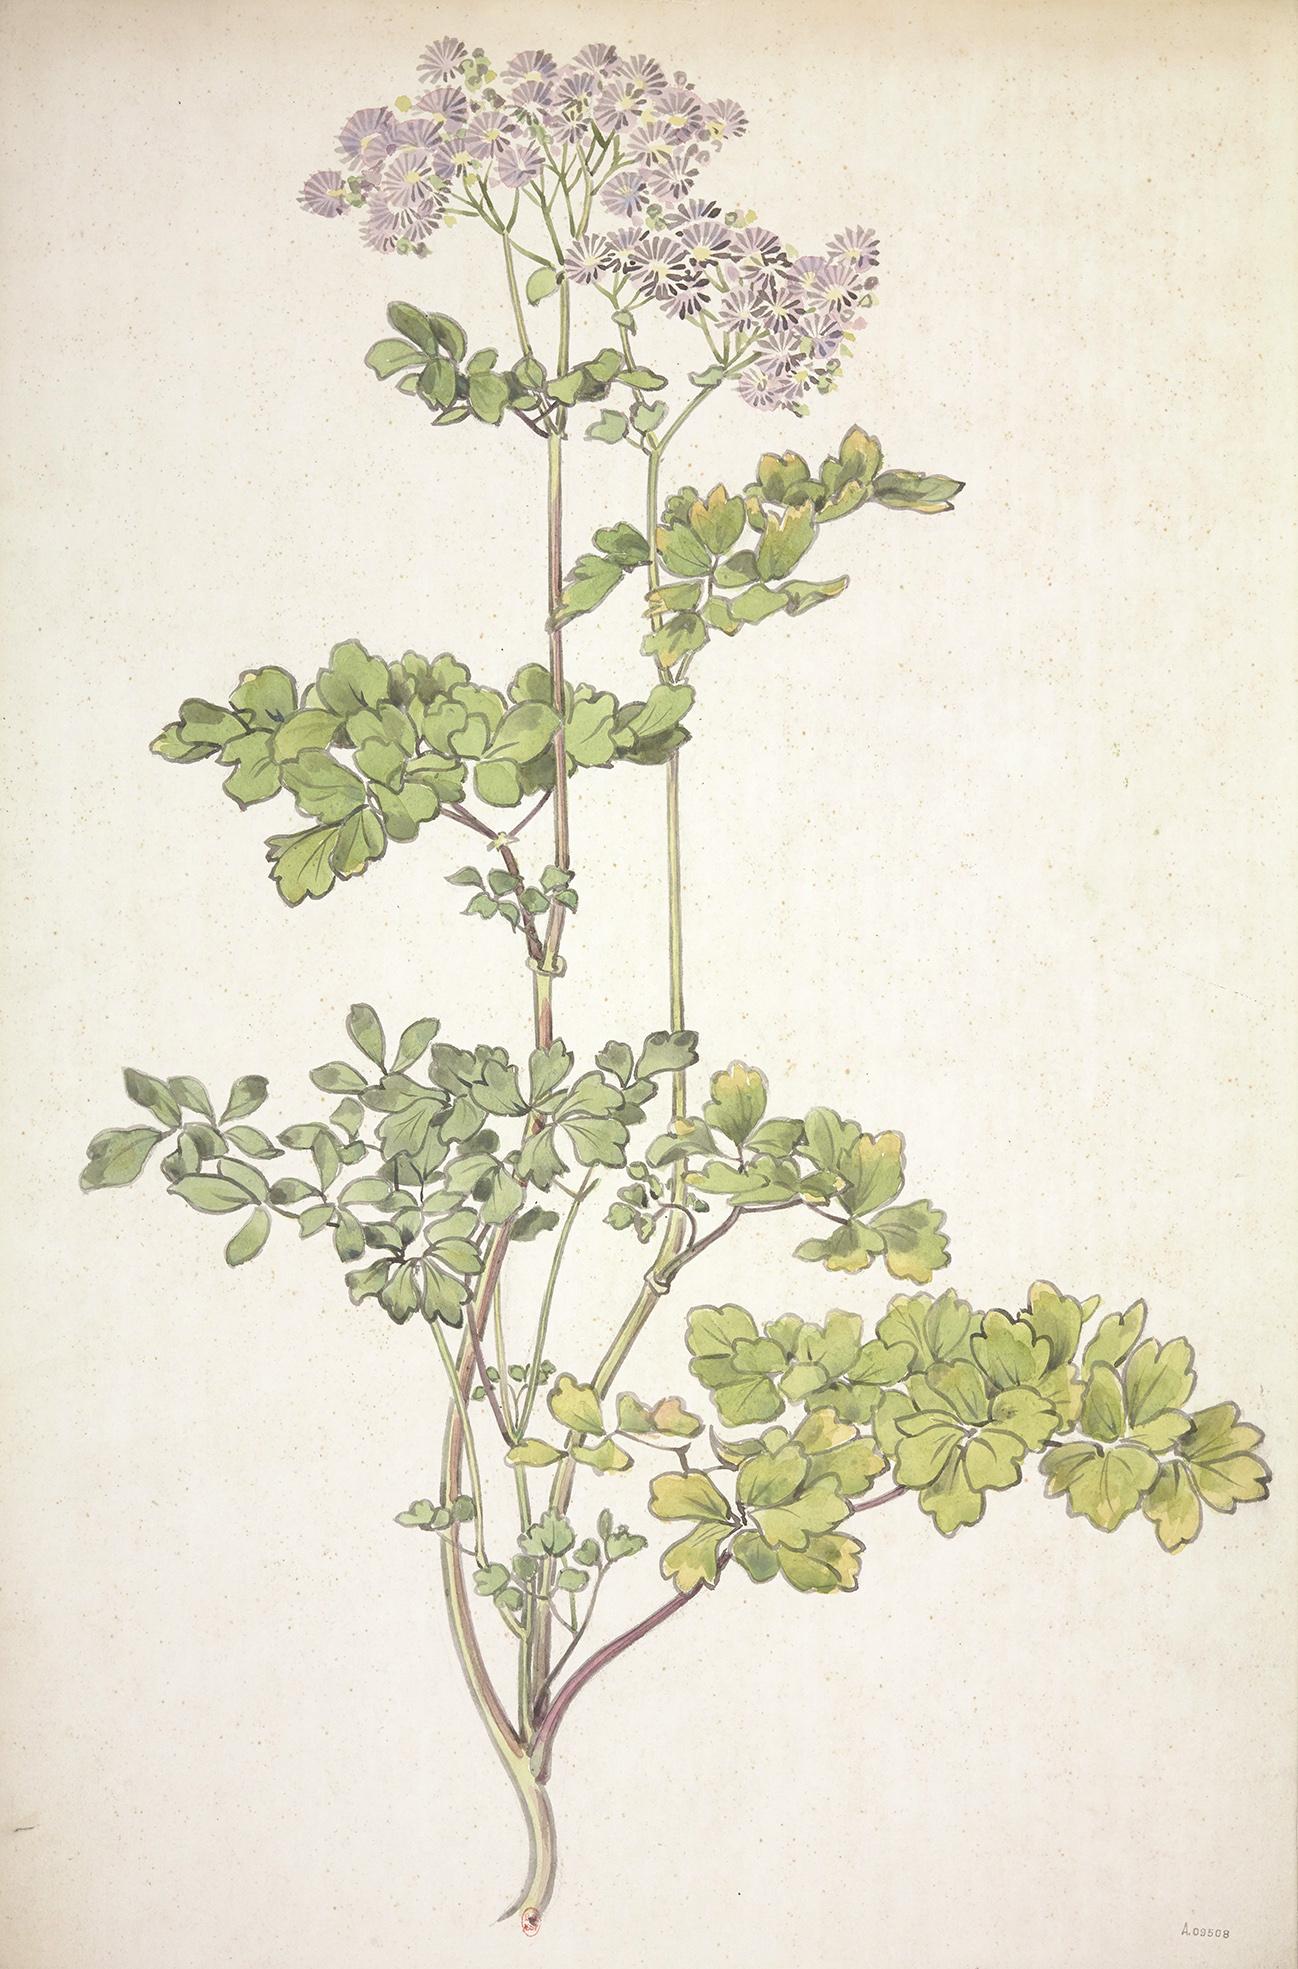 dessin de chrysanthèmes violets à l'aquarelle